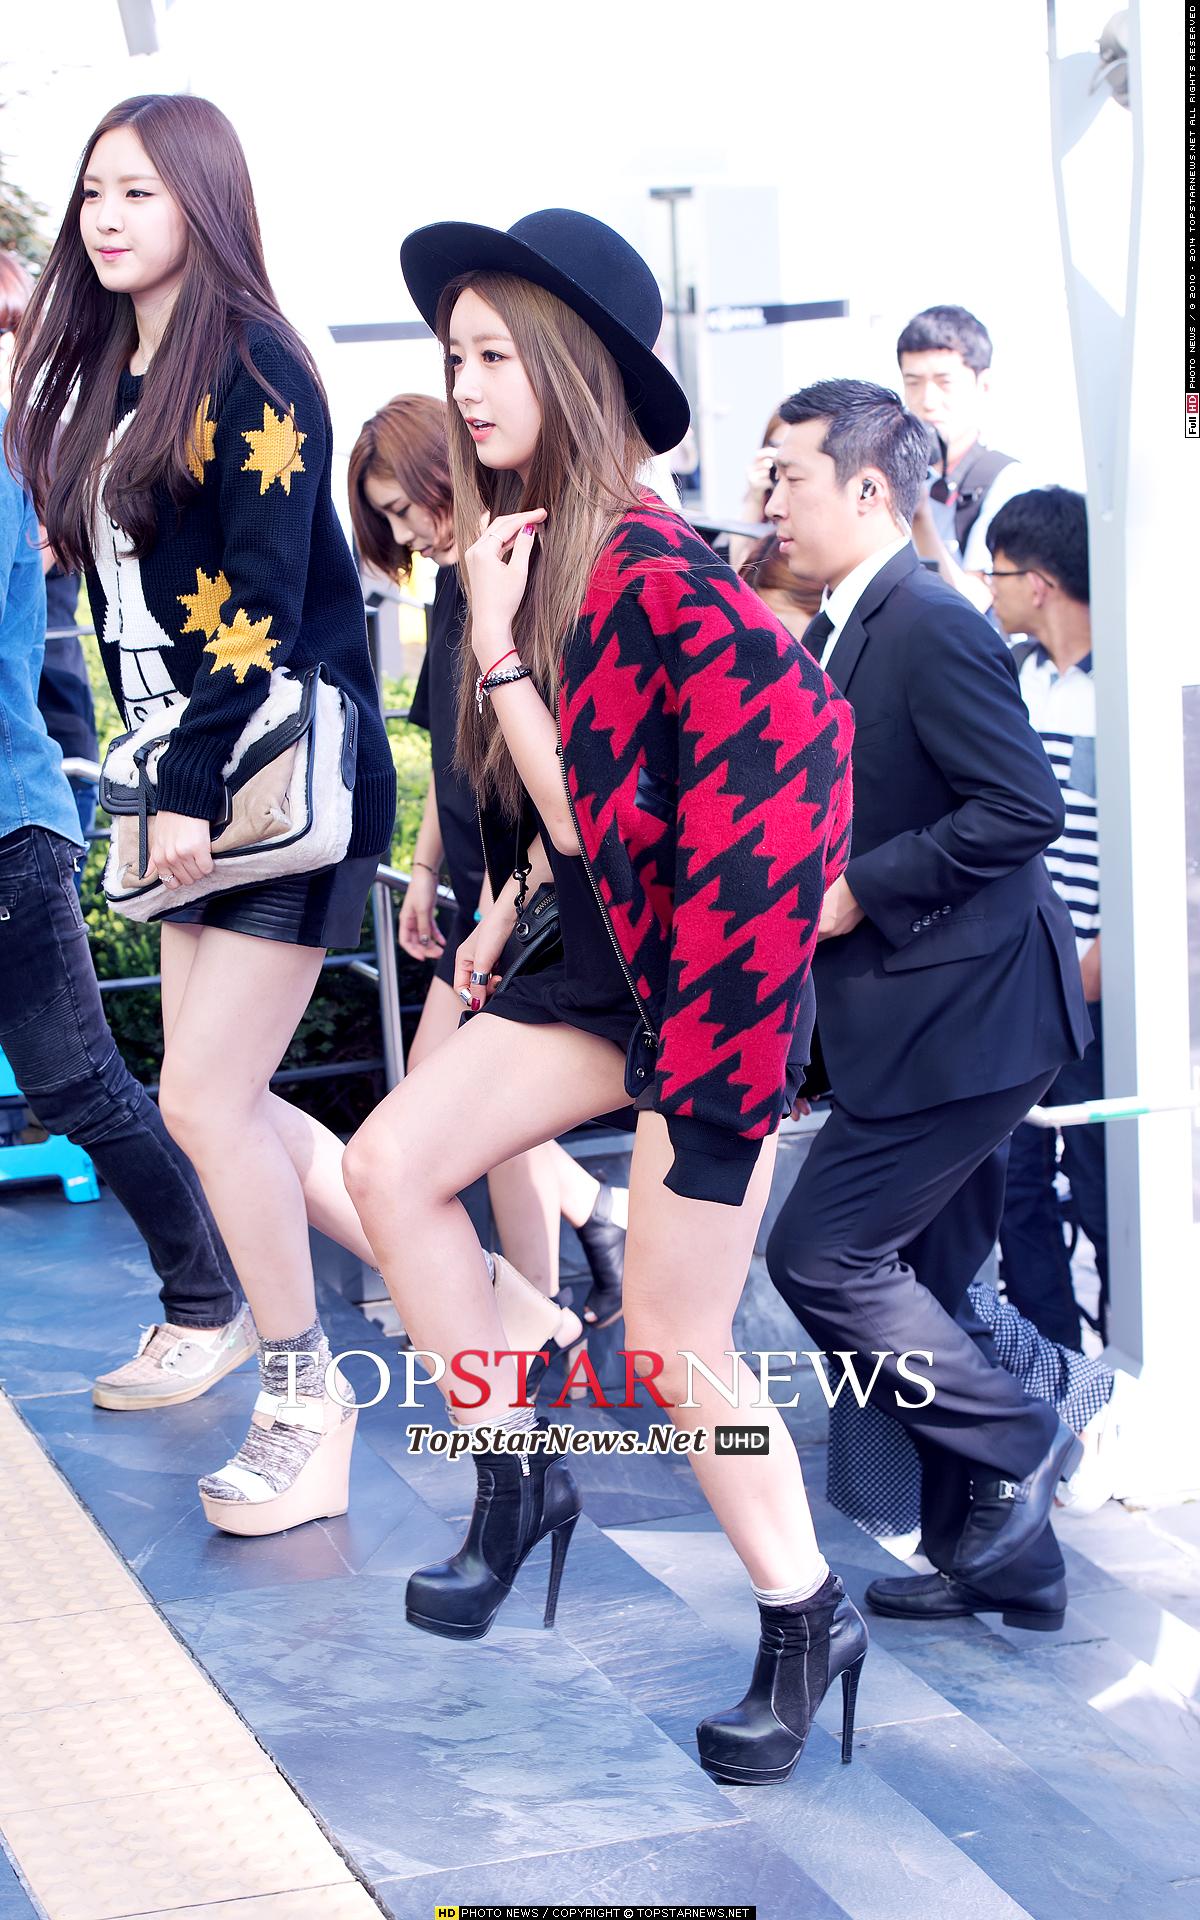 4.普美 很多韓國網友們說普美的正面和側面擁有不一樣的美感~非常獨特的美貌♥